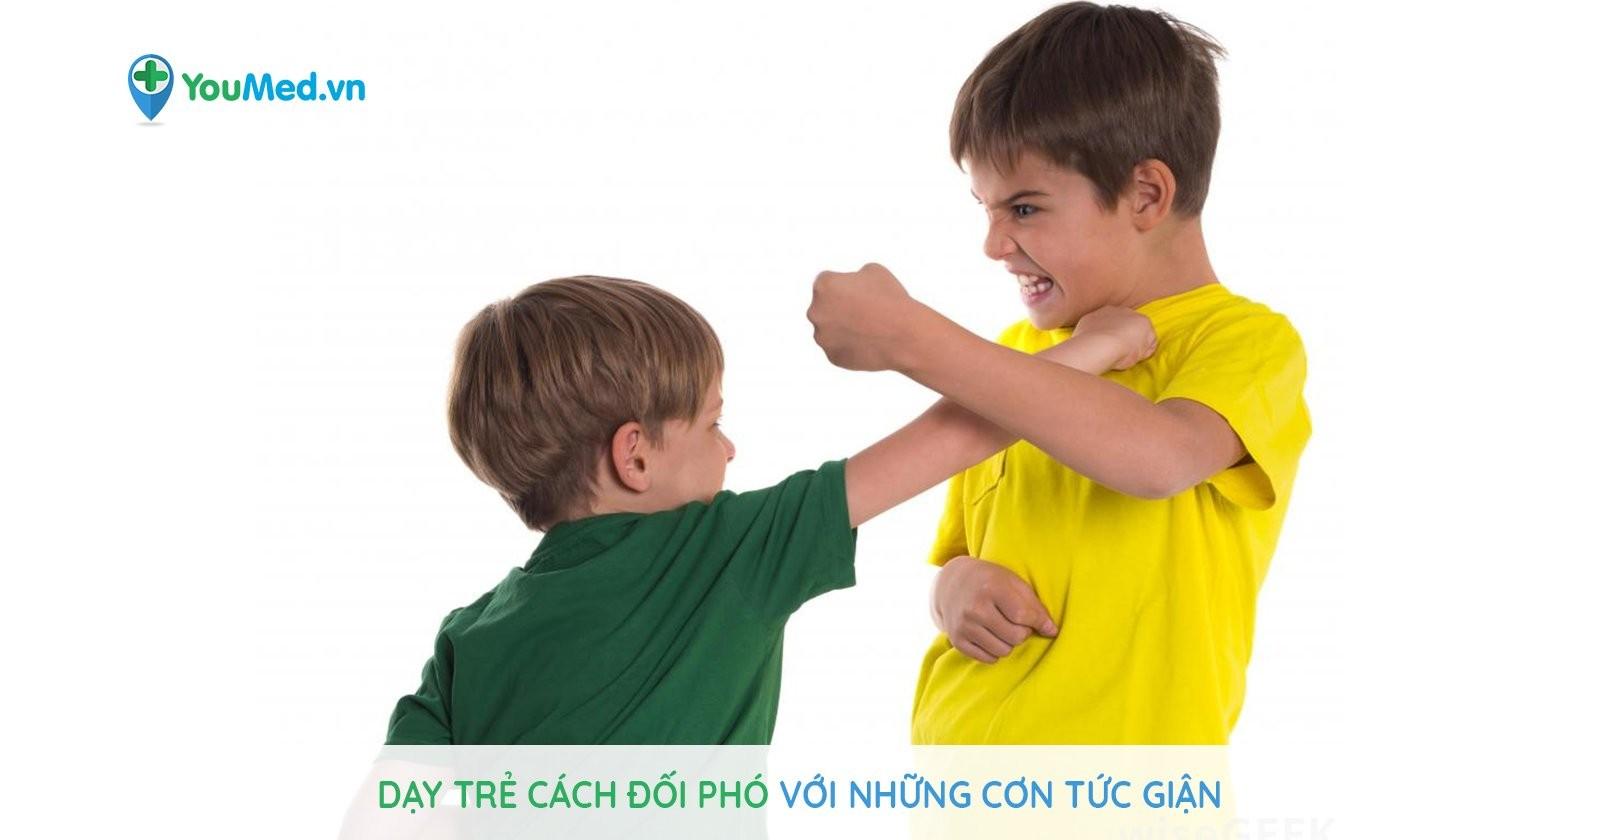 Dạy trẻ cách đối phó với những cơn tức giận thường ngày